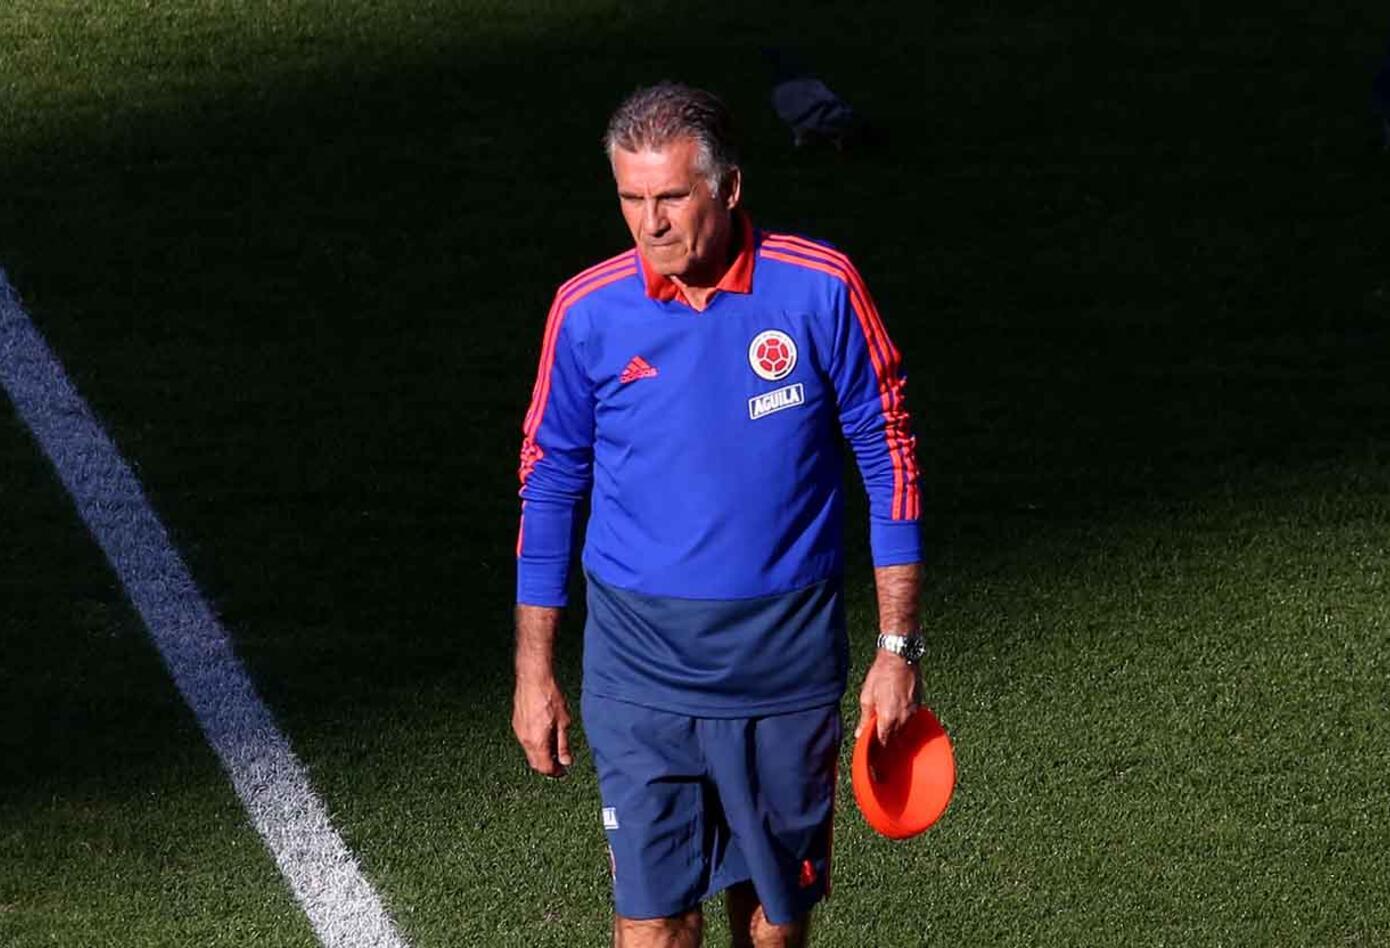 Los dirigidos por el técnico portugués Carlos Queiroz practicaron ya con la presencia del portero titular David Ospina